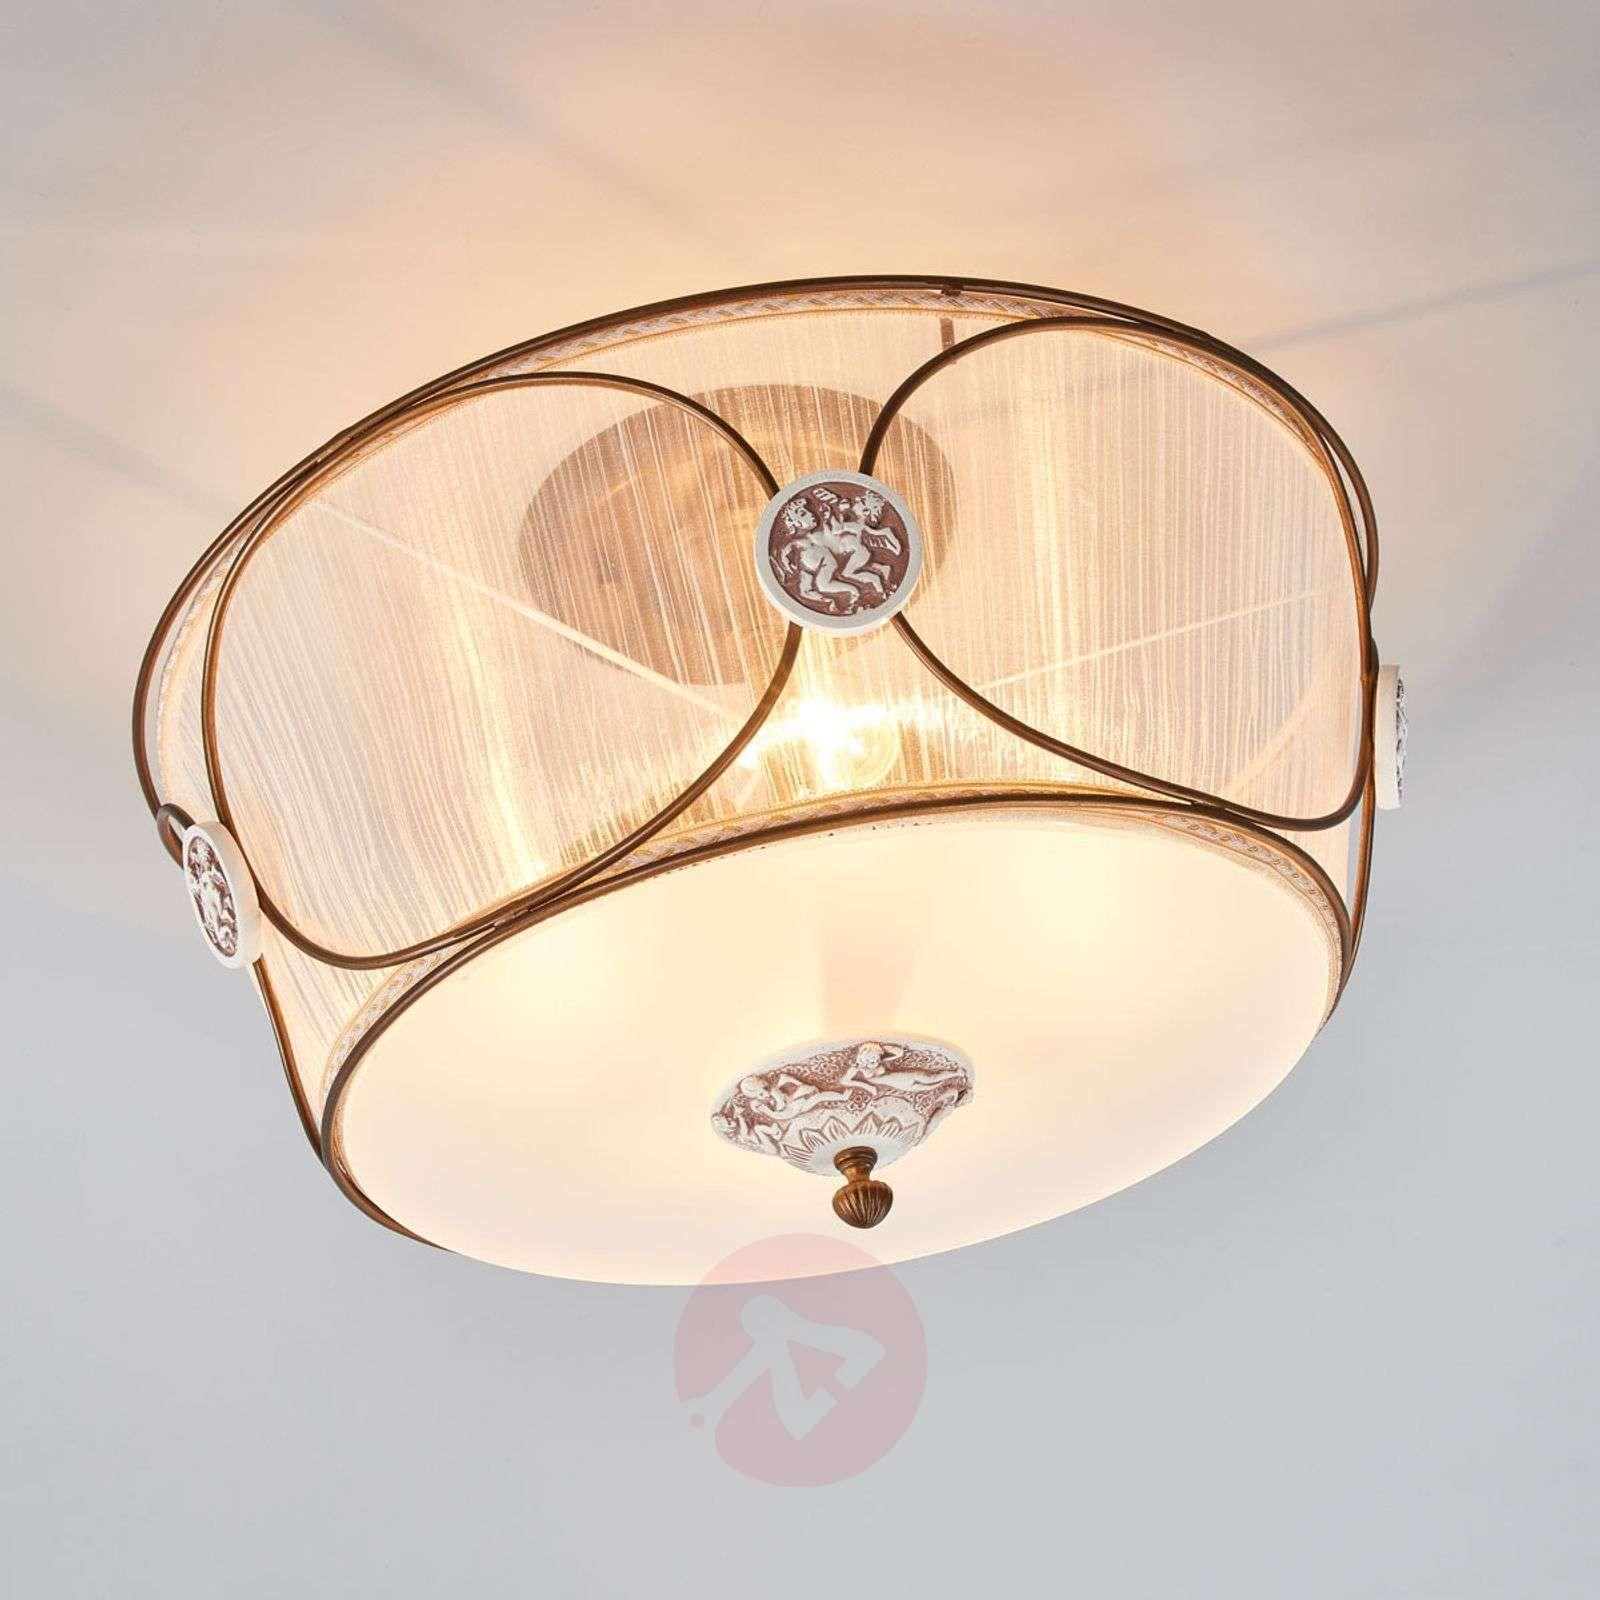 Lampa Sufitowa Leitizia Z Anielskim Motywem Lampy Sufitowe